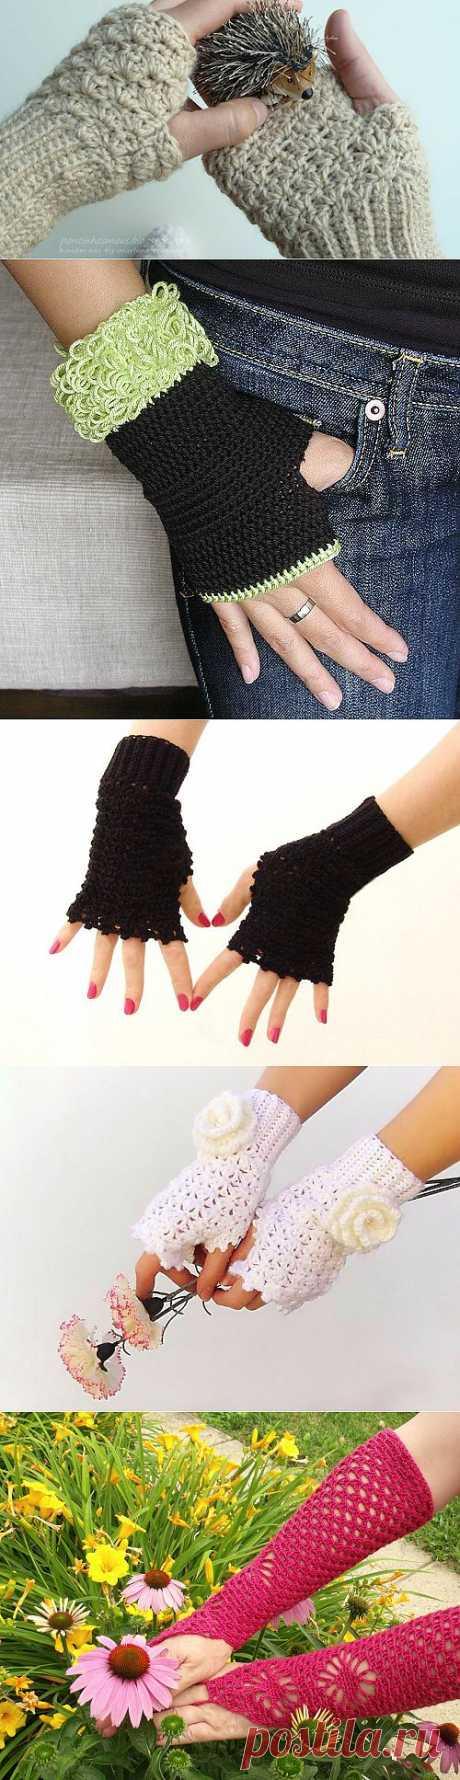 Вязаные крючком варежки без пальцев | 3vision - Fashon blog